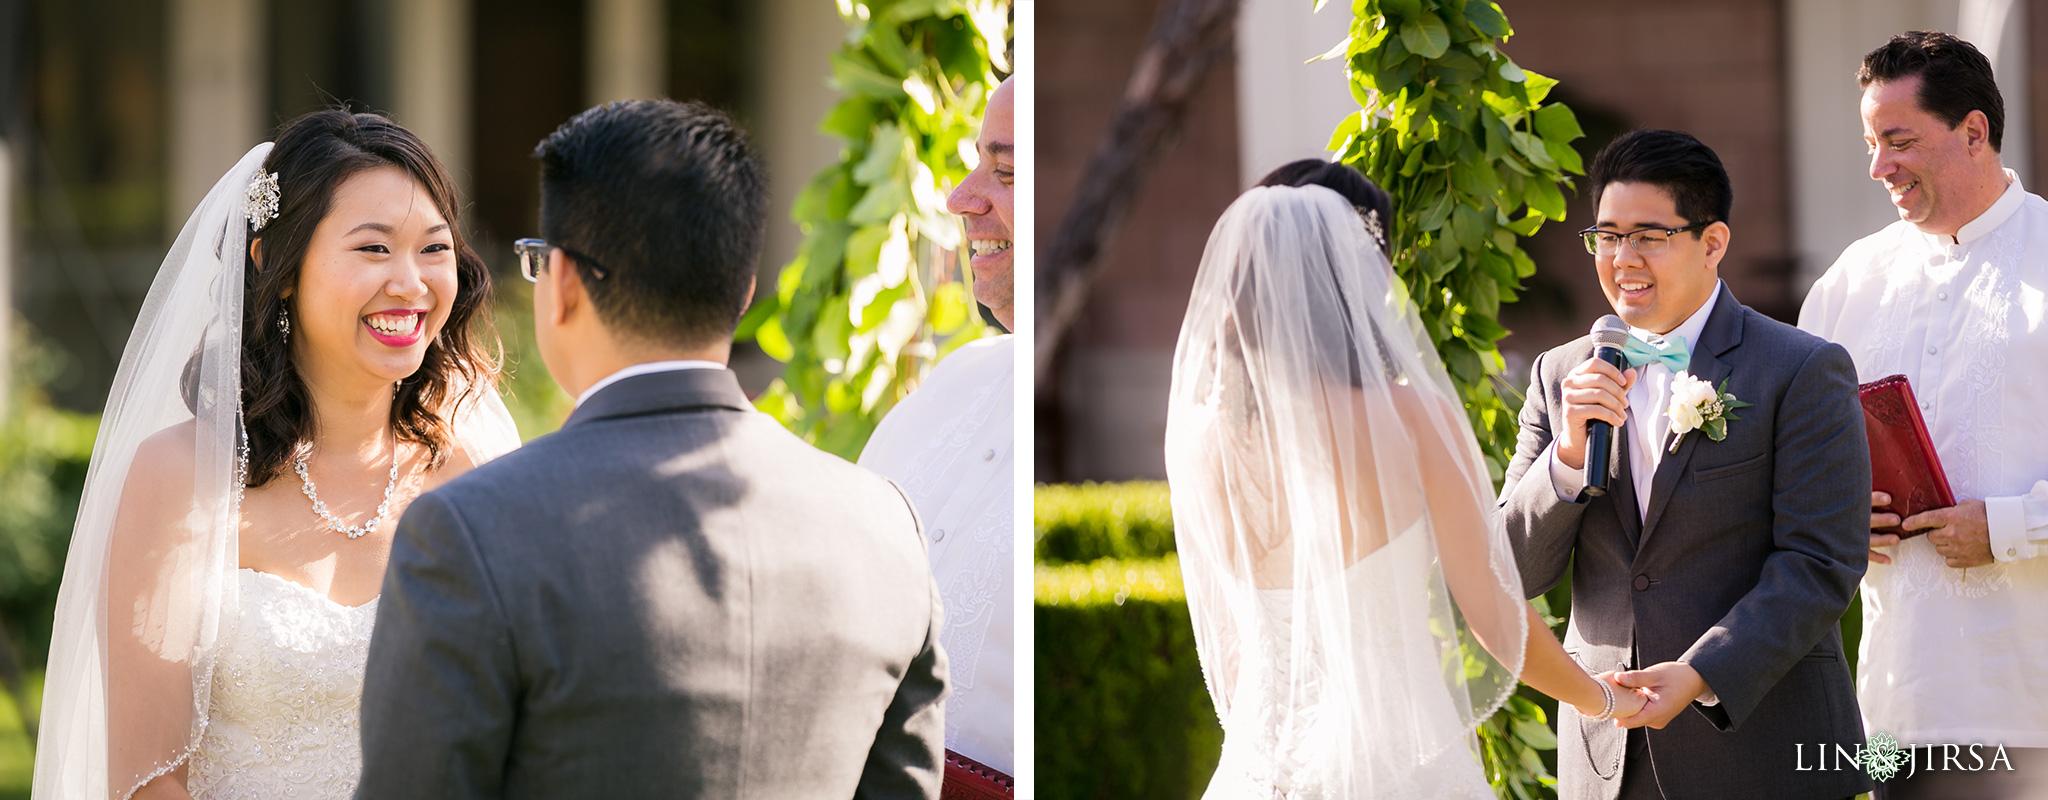 20-richard-nixon-libary-wedding-photography